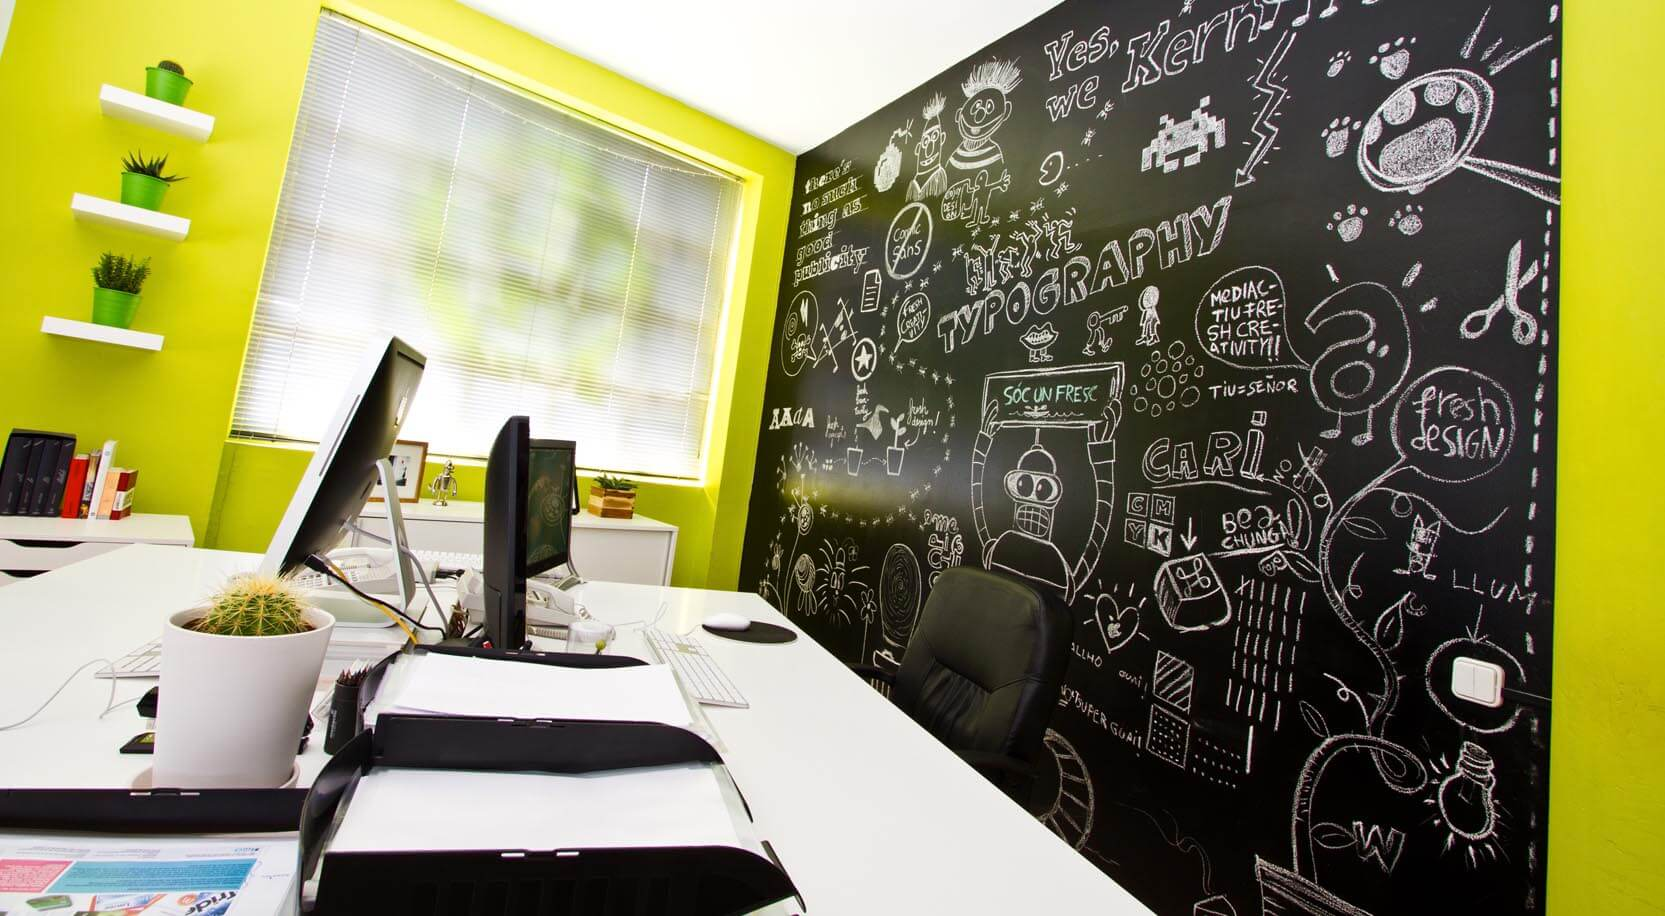 Pared pizarra oficina Mediactiu - La creatividad de tu mejor momento tiene premio en Mediactiu